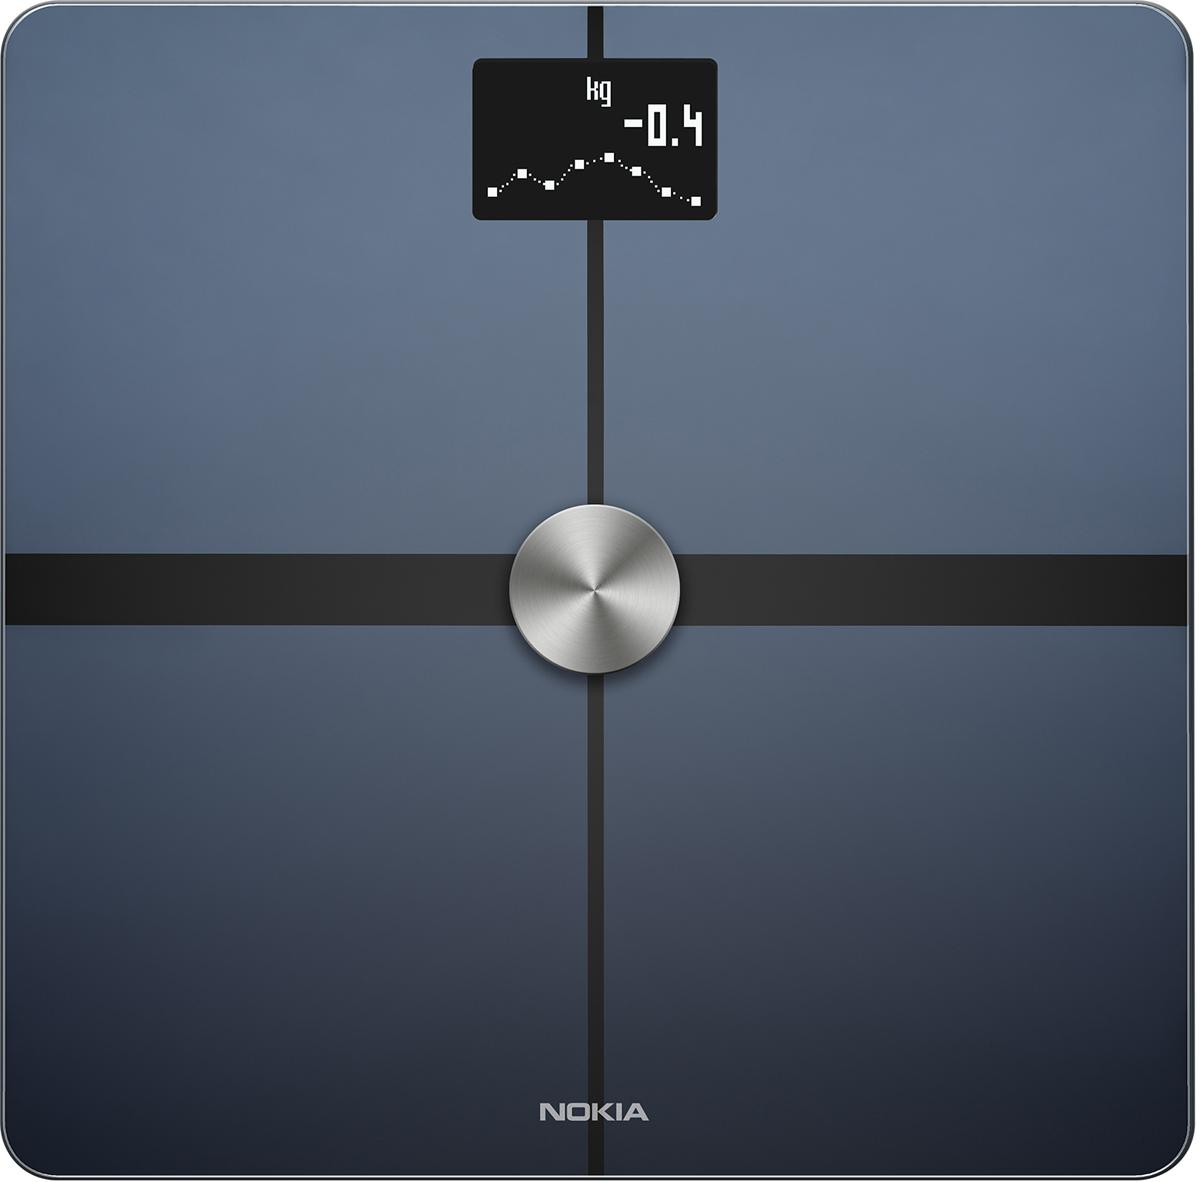 Nokia Body+, Black весы напольные70238903Беспроводные весы Nokia Body+ станут идеальным помощником для похудения. С помощью инструментов, таких как трендовые индикаторы и отслеживание питания, вы сможете ставить цели и добиваться их.Взвешивайтесь умнее. Измерение полного состава тела поможет вам точно распределить свои усилия при сбросе веса.Каждое взвешивание отображается в приложении Health Mate автоматически через Wi-Fi или Bluetooth. С вашей историей, доступной 24/7, вы можете видеть, что работает, продолжать движение в позитивном направлении и сосредоточиться на ваших целях.Отслеживание веса, BMI и полного состава телаУстановка целей, управление ежедневным бюджетом калорий с интегрированным отслеживанием питанияЛучшая в своем классе точностьДля всей семьи - распознает и отслеживает до 8 пользователей, включая детейАвтоматическая синхронизация с вашим смартфоном через Wi-Fi или Bluetooth